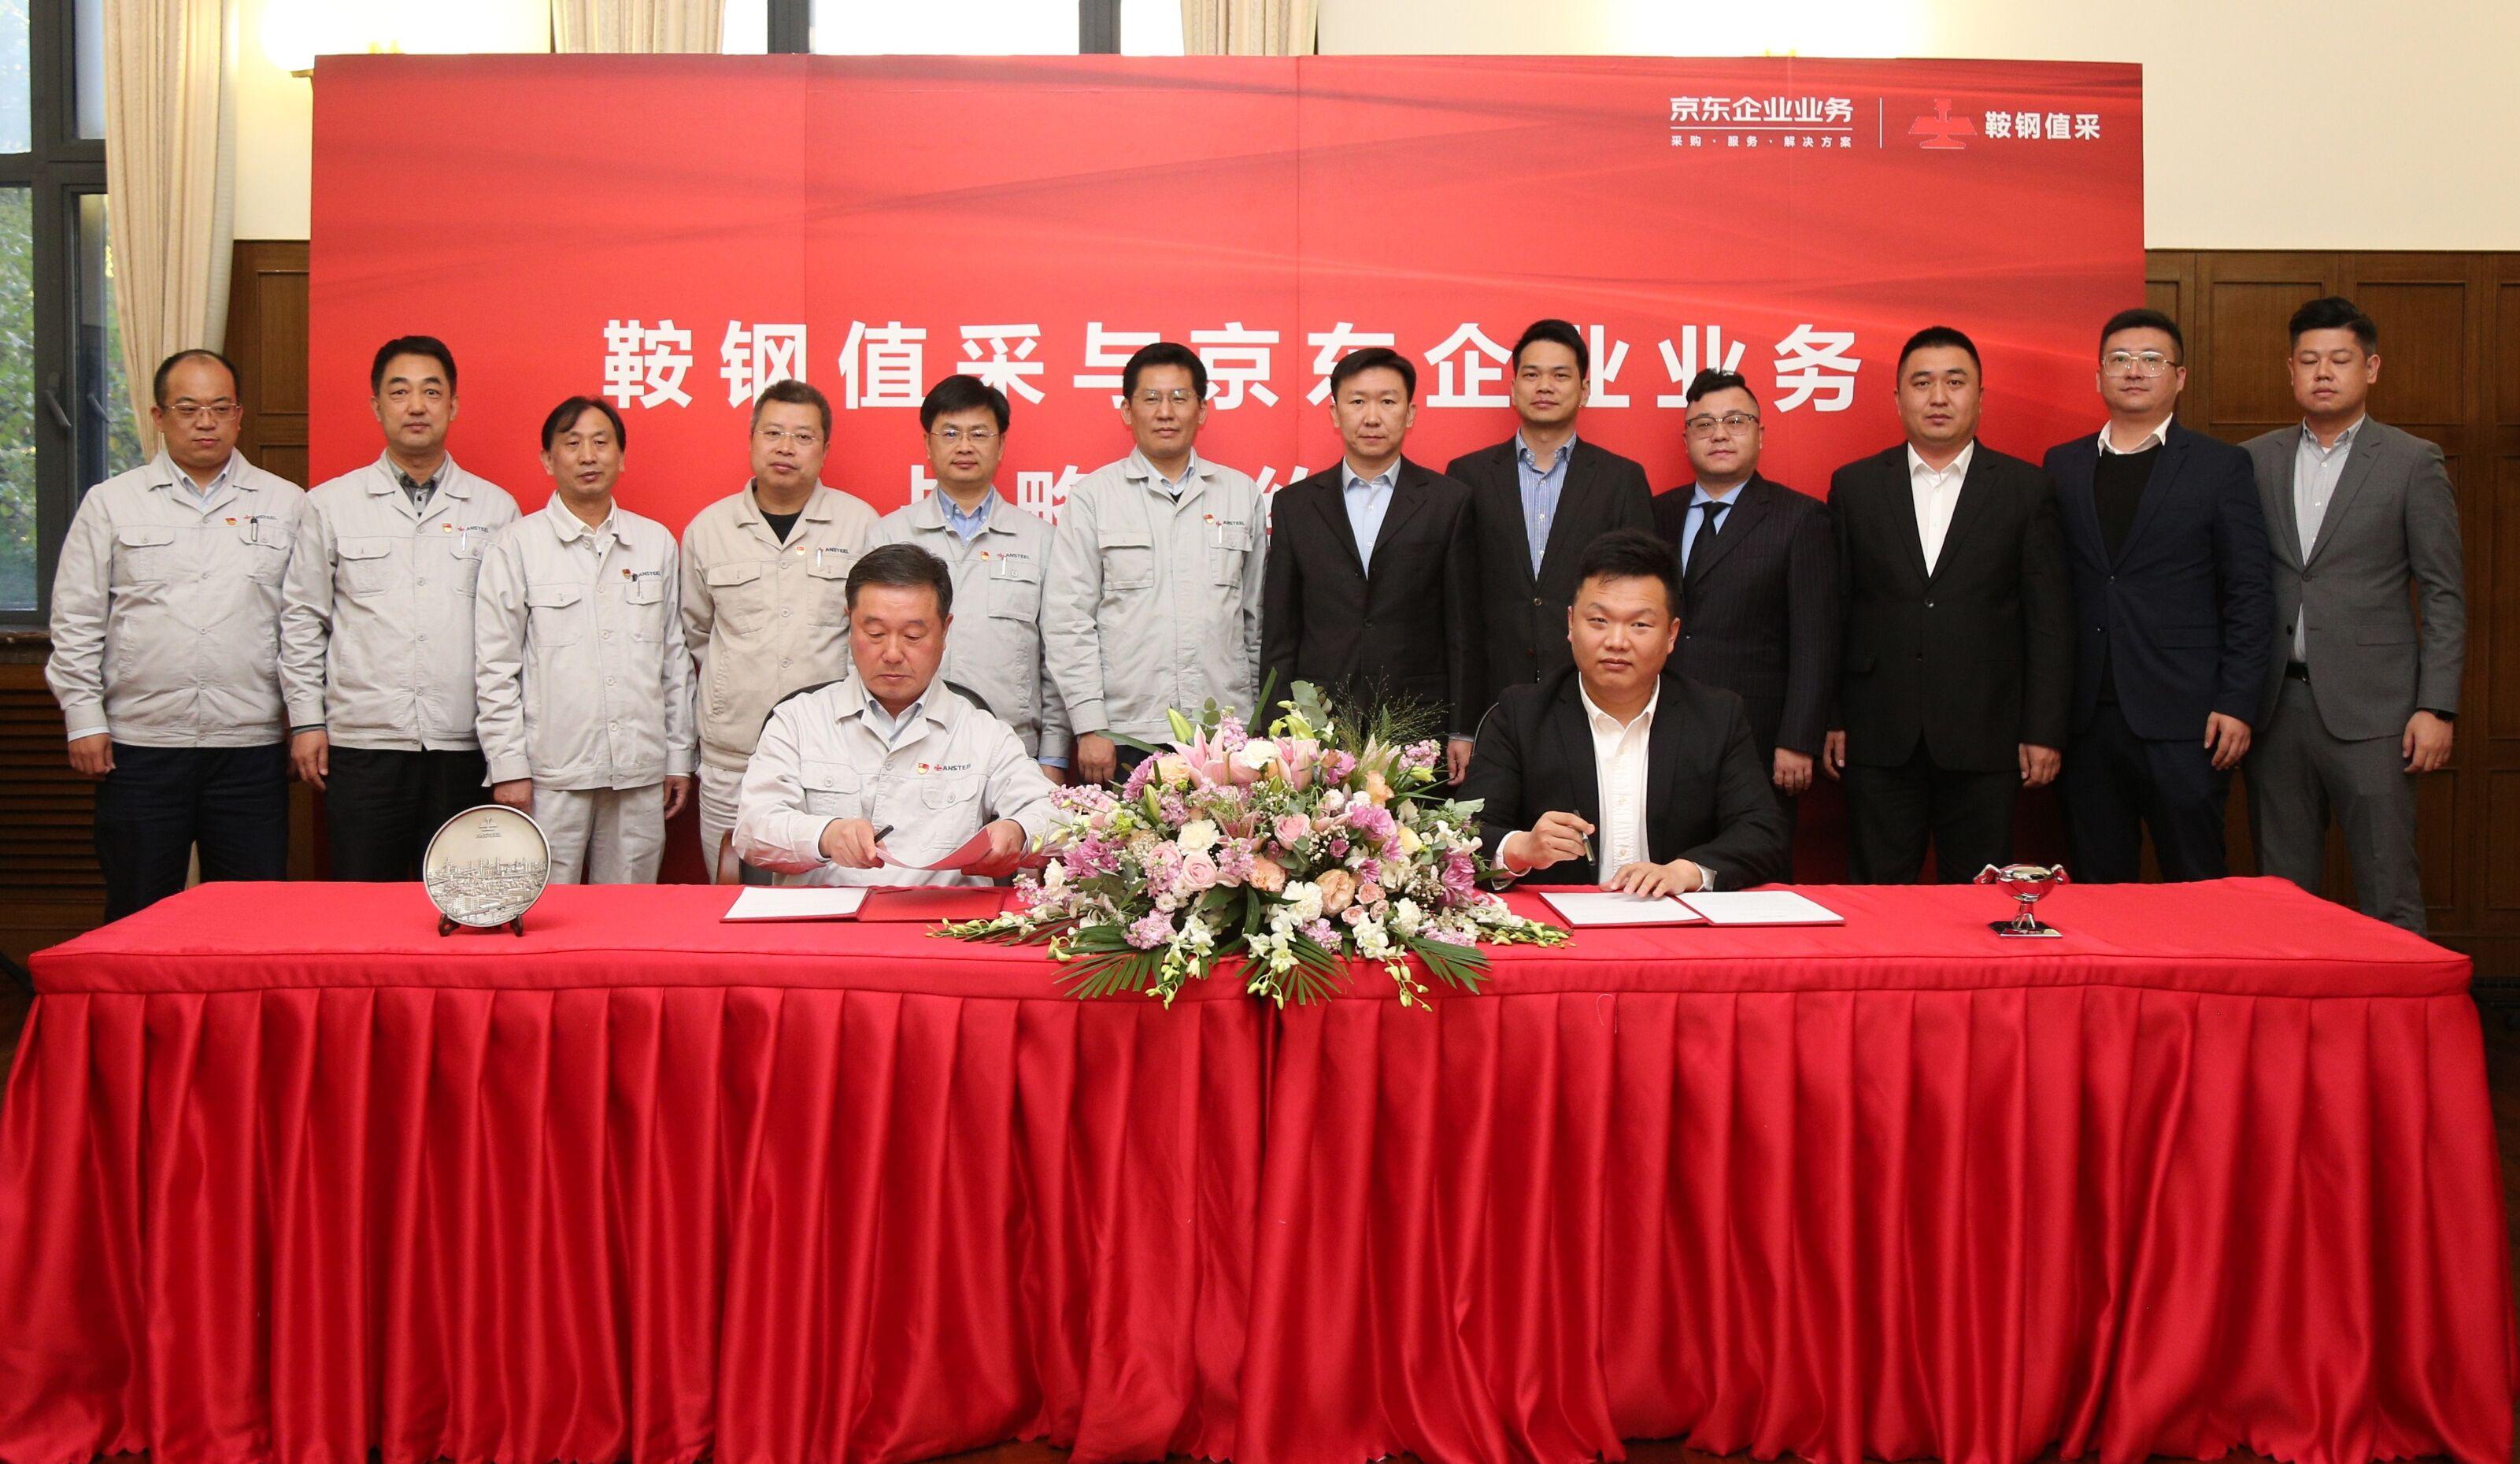 京東企業業務與鞍鋼值采達成戰略合作 打造工業互聯網下鋼鐵企業供應鏈管理范本